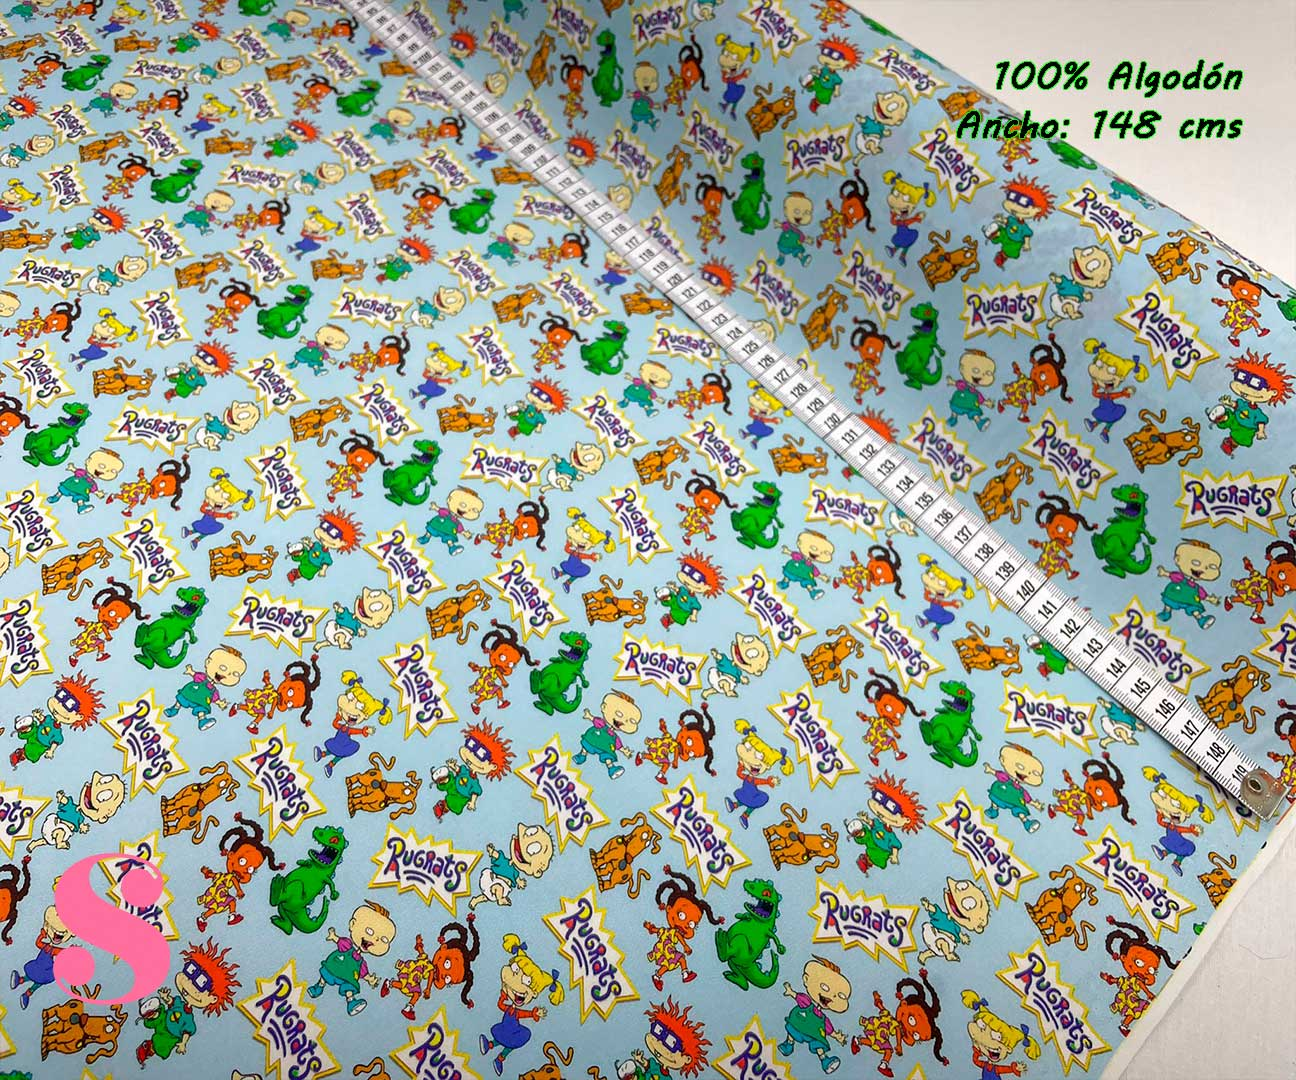 12-telas-estampadas-de-algodón,-telas-frikis,estampados-frikis-de-algodón,-estampados-origonales-de-algodón,Tejido Estampado Rugrats